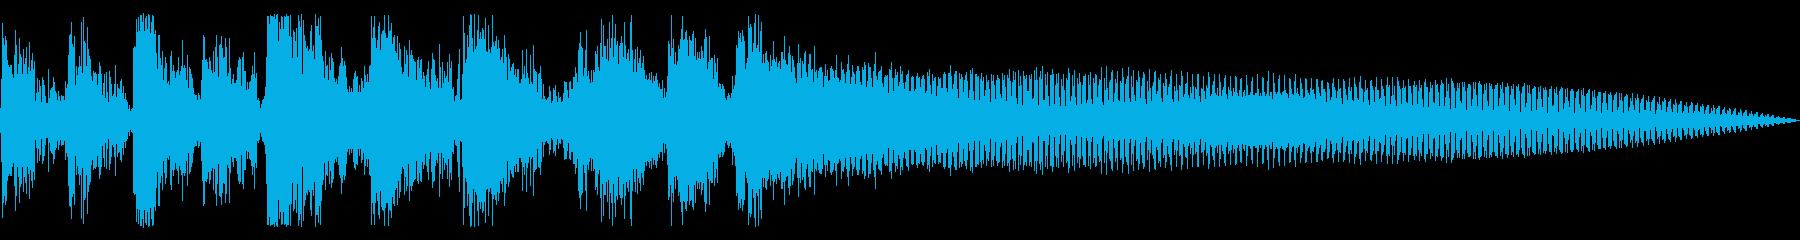 ブルーノ・マーズのアップタウン・フ...の再生済みの波形